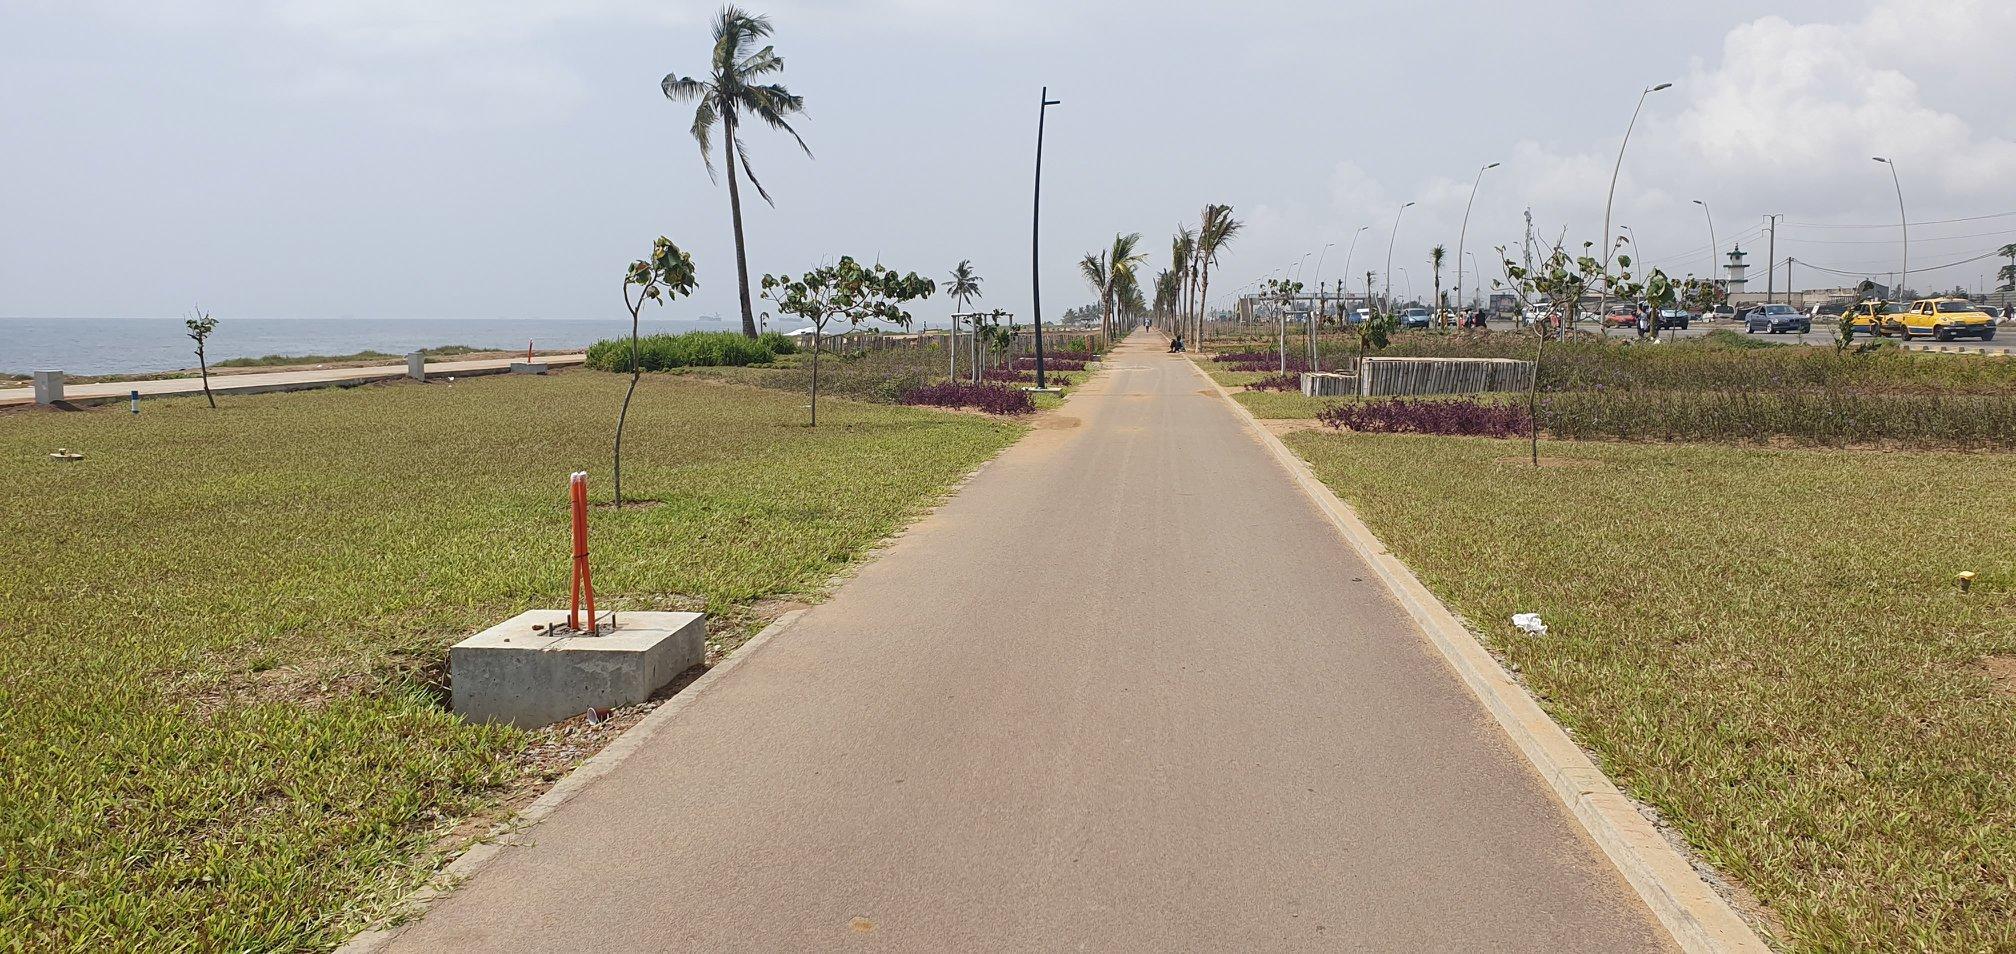 Côte-d'Ivoire: La promenade de Port-Bouët véritable joyau, un plaisir pour les yeux